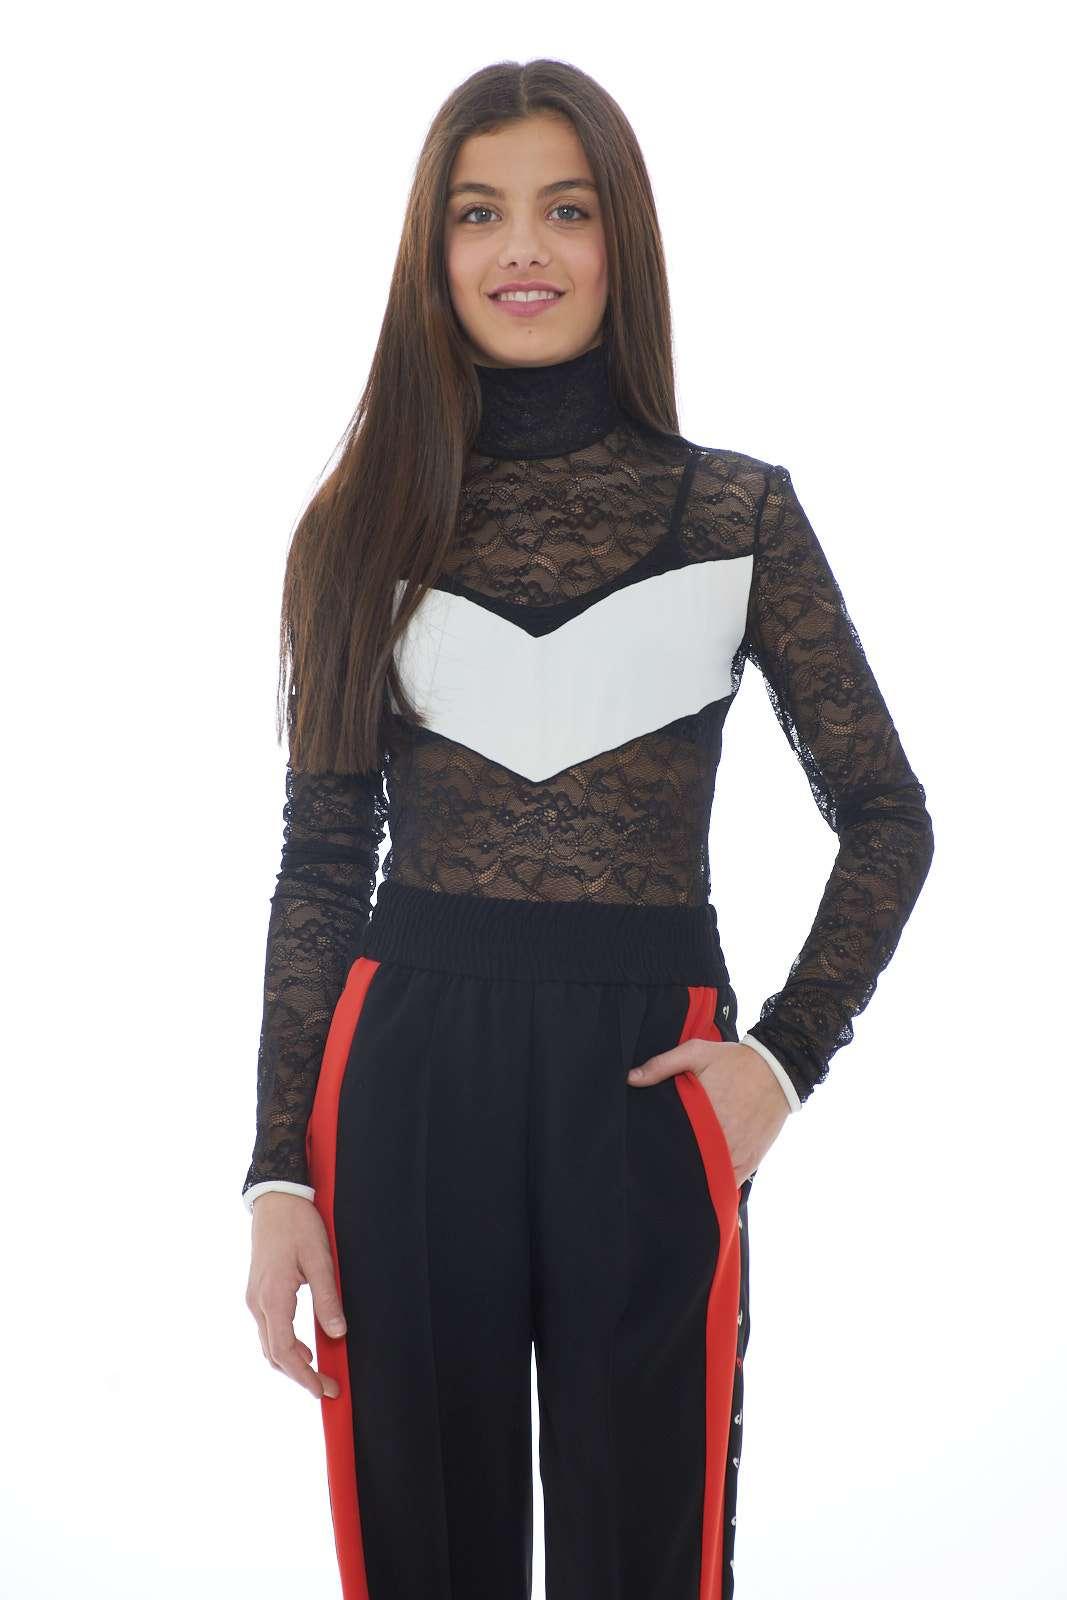 Una sinfonia di pizzo rebrodè e dettagli in tessuto tecnico il body donna firmato Pinko. L'effetto trasparenza lo rende perfetto sia da indossare come sottogiacca che da solo. Un capo da indossare in ogni occasione per un look impeccabile. La modella è alta 1.70 e indossa la taglia 38